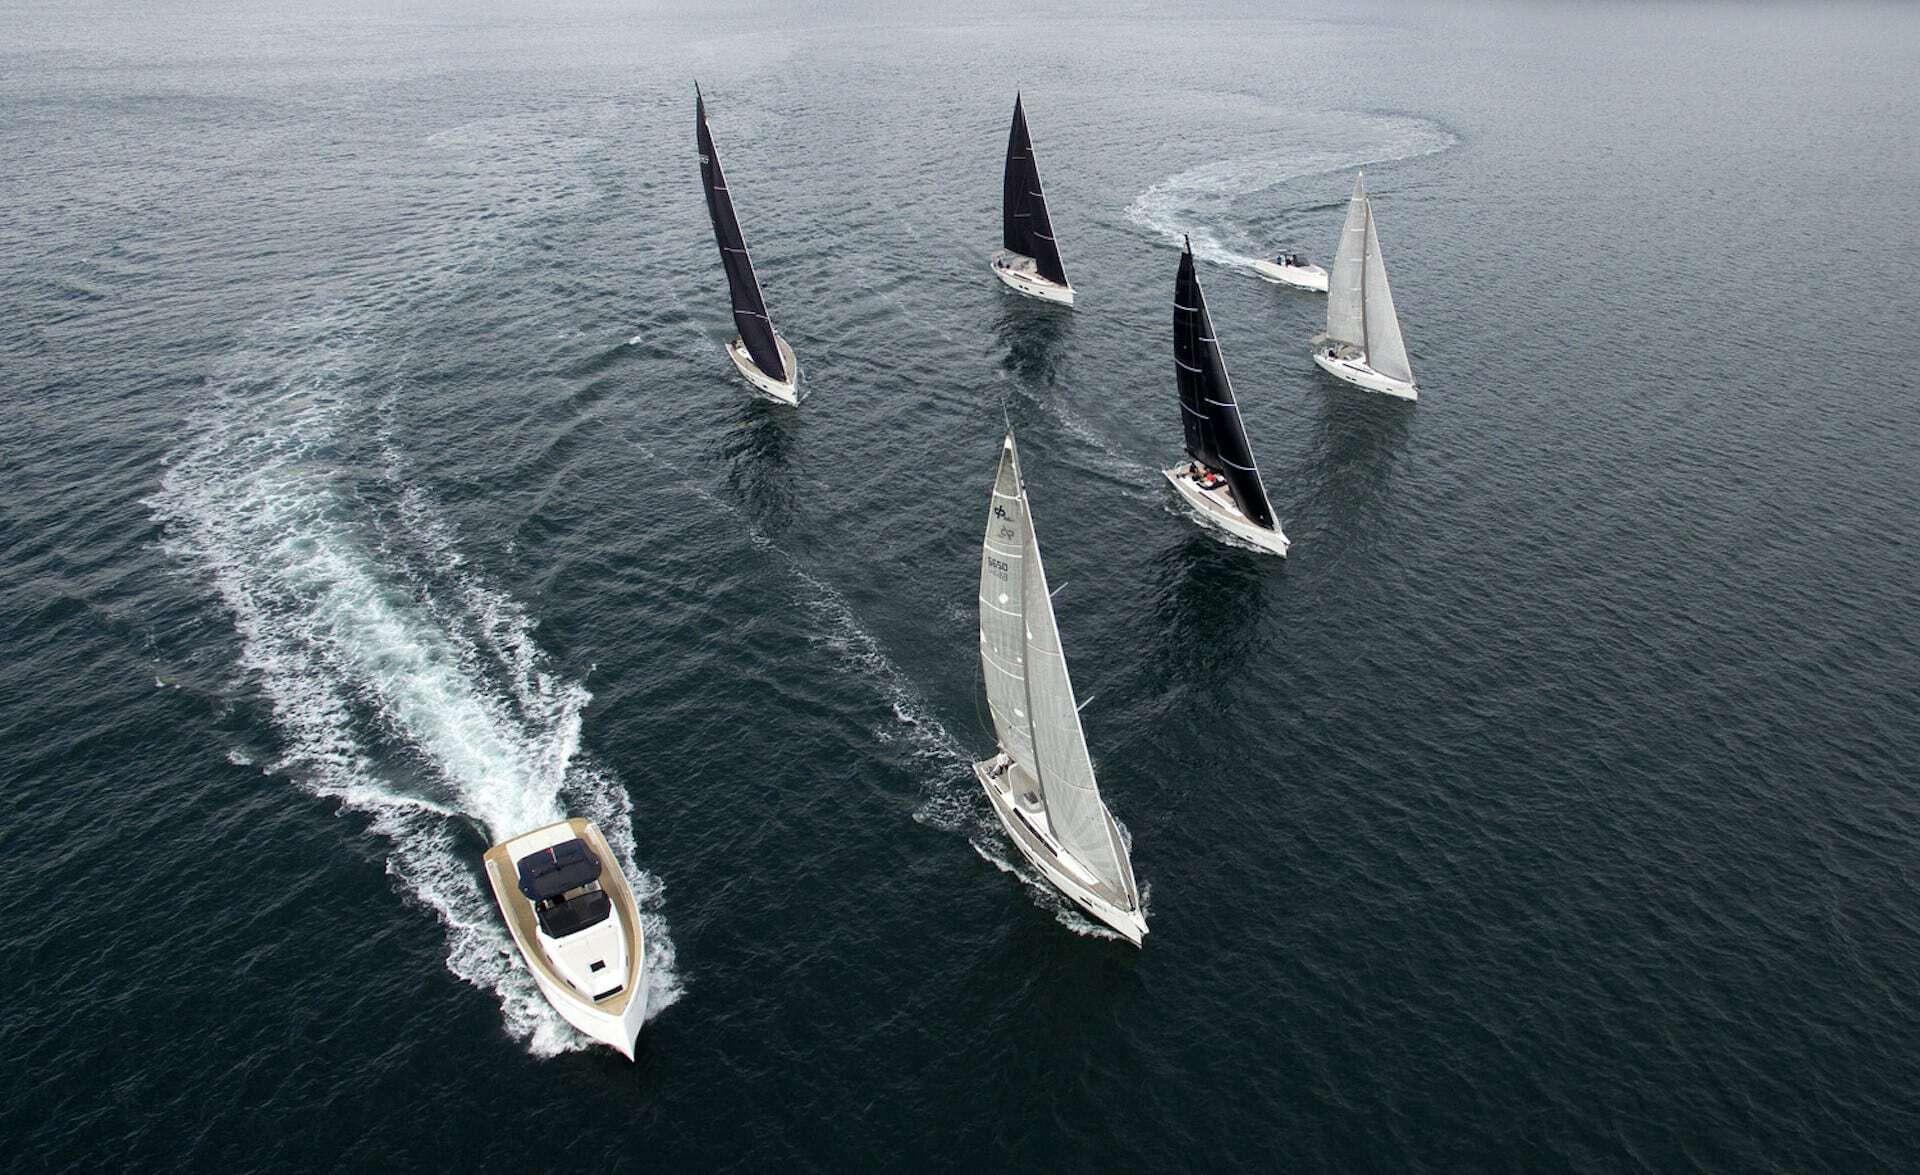 意大利游艇制造商 Cantiere del Pardo 向私募基金 Wise Equity 出售 60%股份